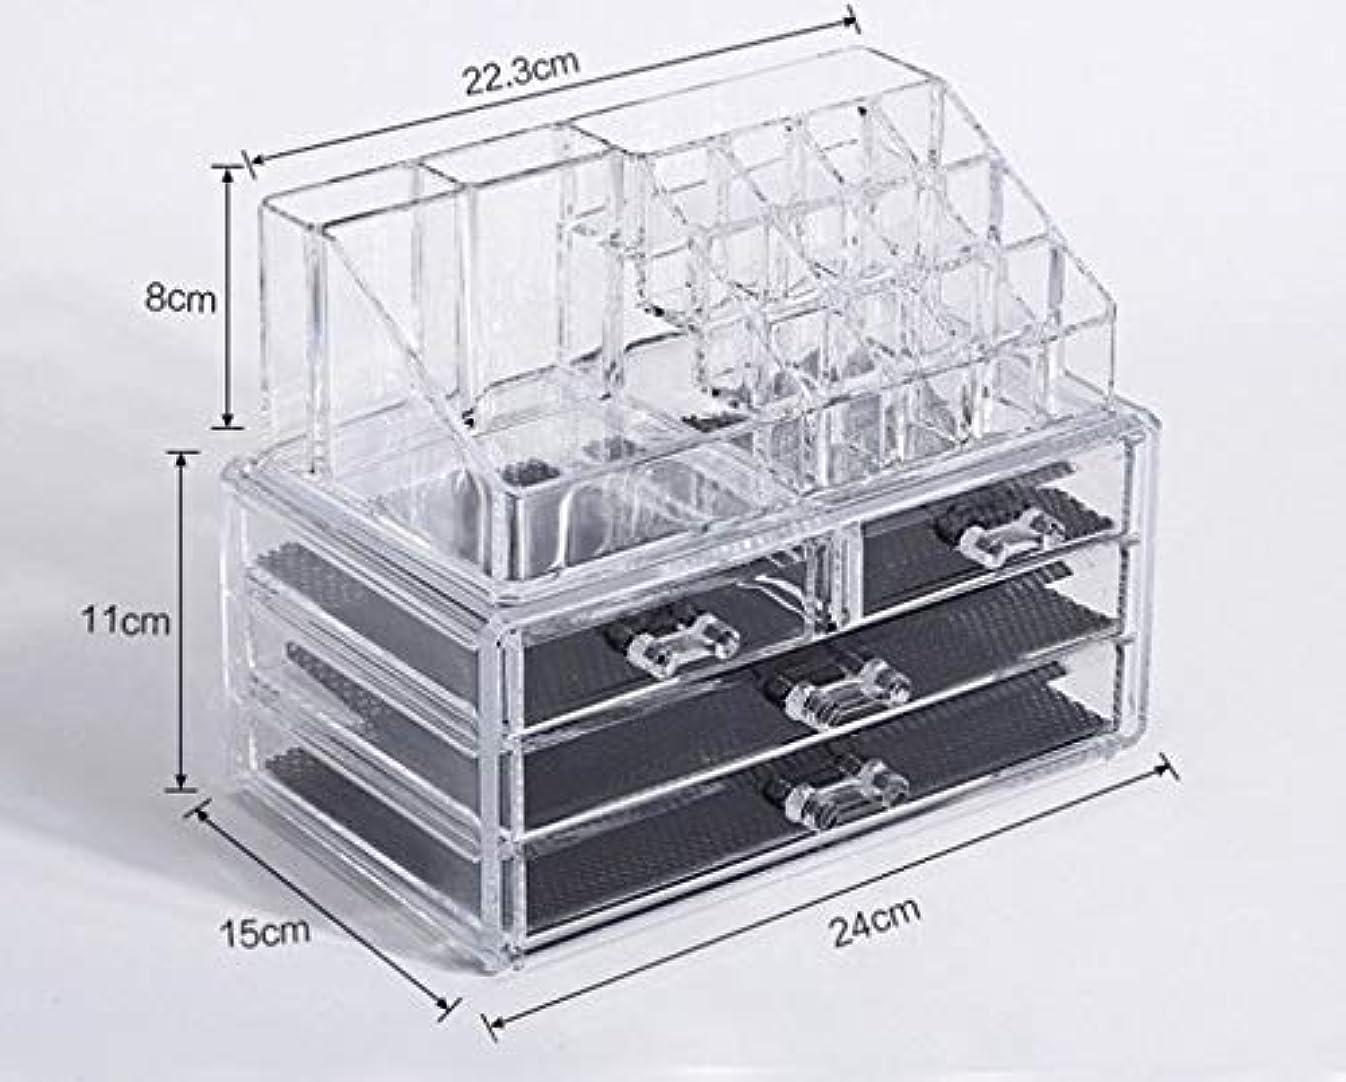 精通したミュウミュウユーモラス化粧品収納ボックス メイクボックス 化粧品 収納 ニオイなし 騒音なし 防塵 高透明度 強い耐久性